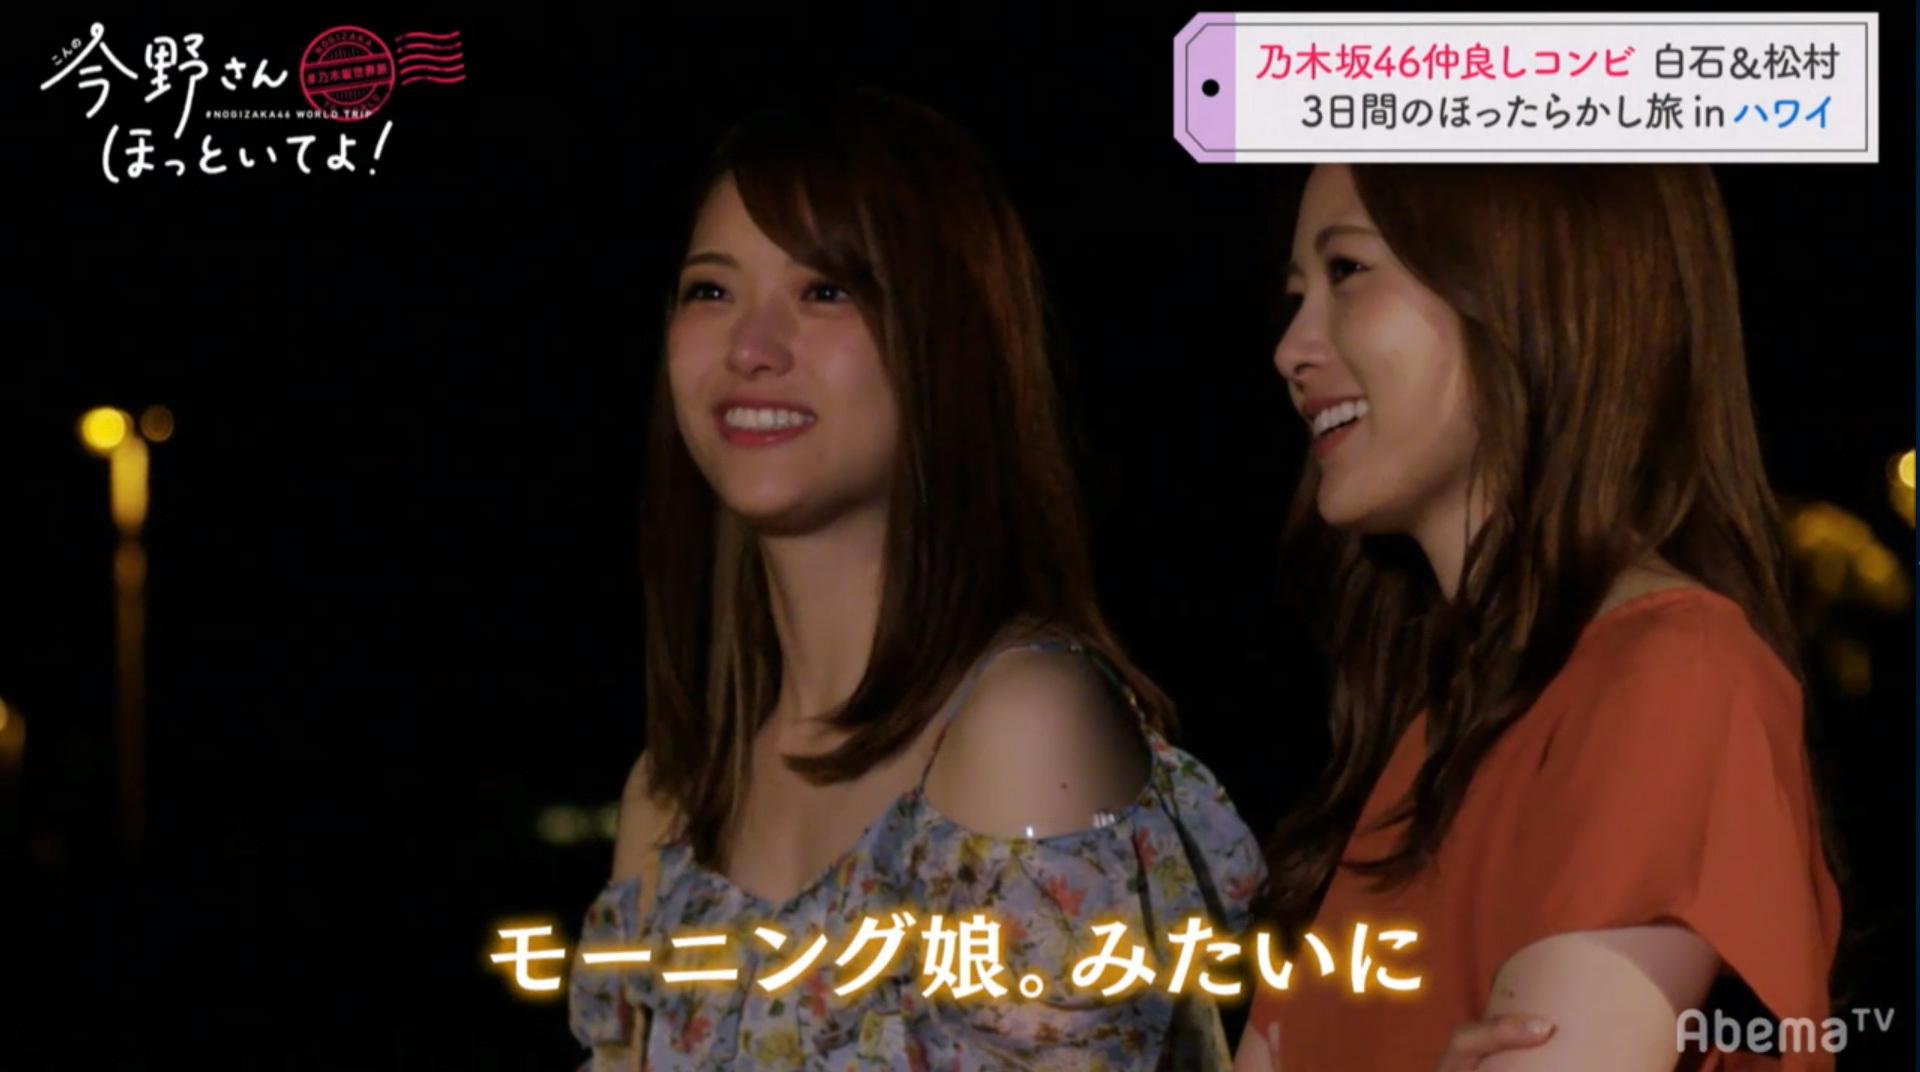 松村沙友理「乃木坂46はずーっと続いて欲しいな、モーニング娘。みたいに」